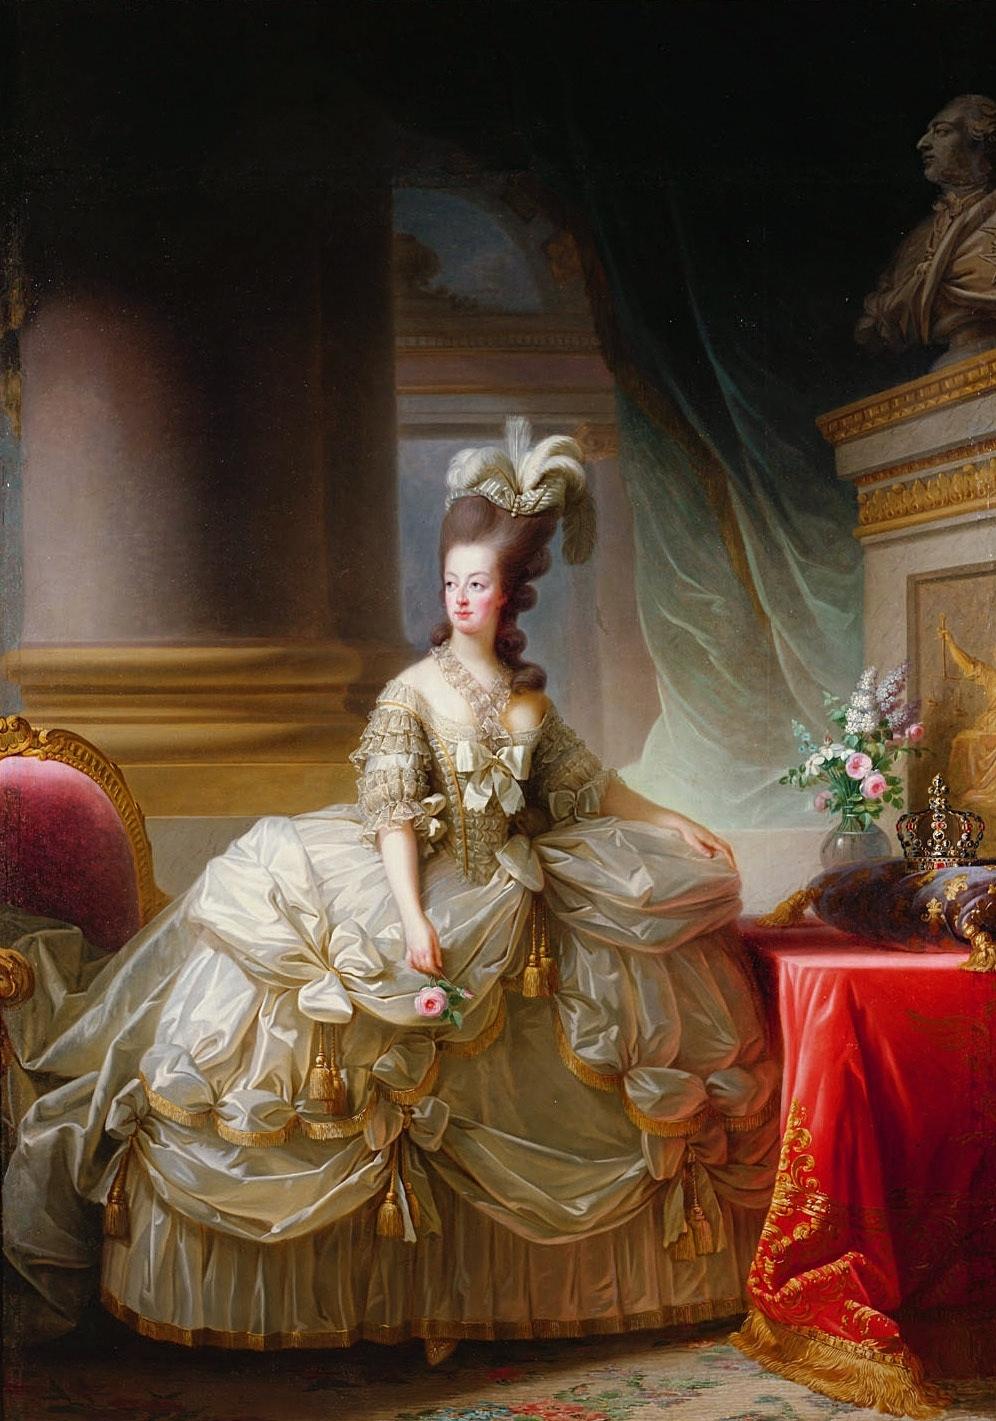 1778: Die Königin inszeniert sich gern pompös, schwelgt im Luxus   Foto: Gemeinfrei